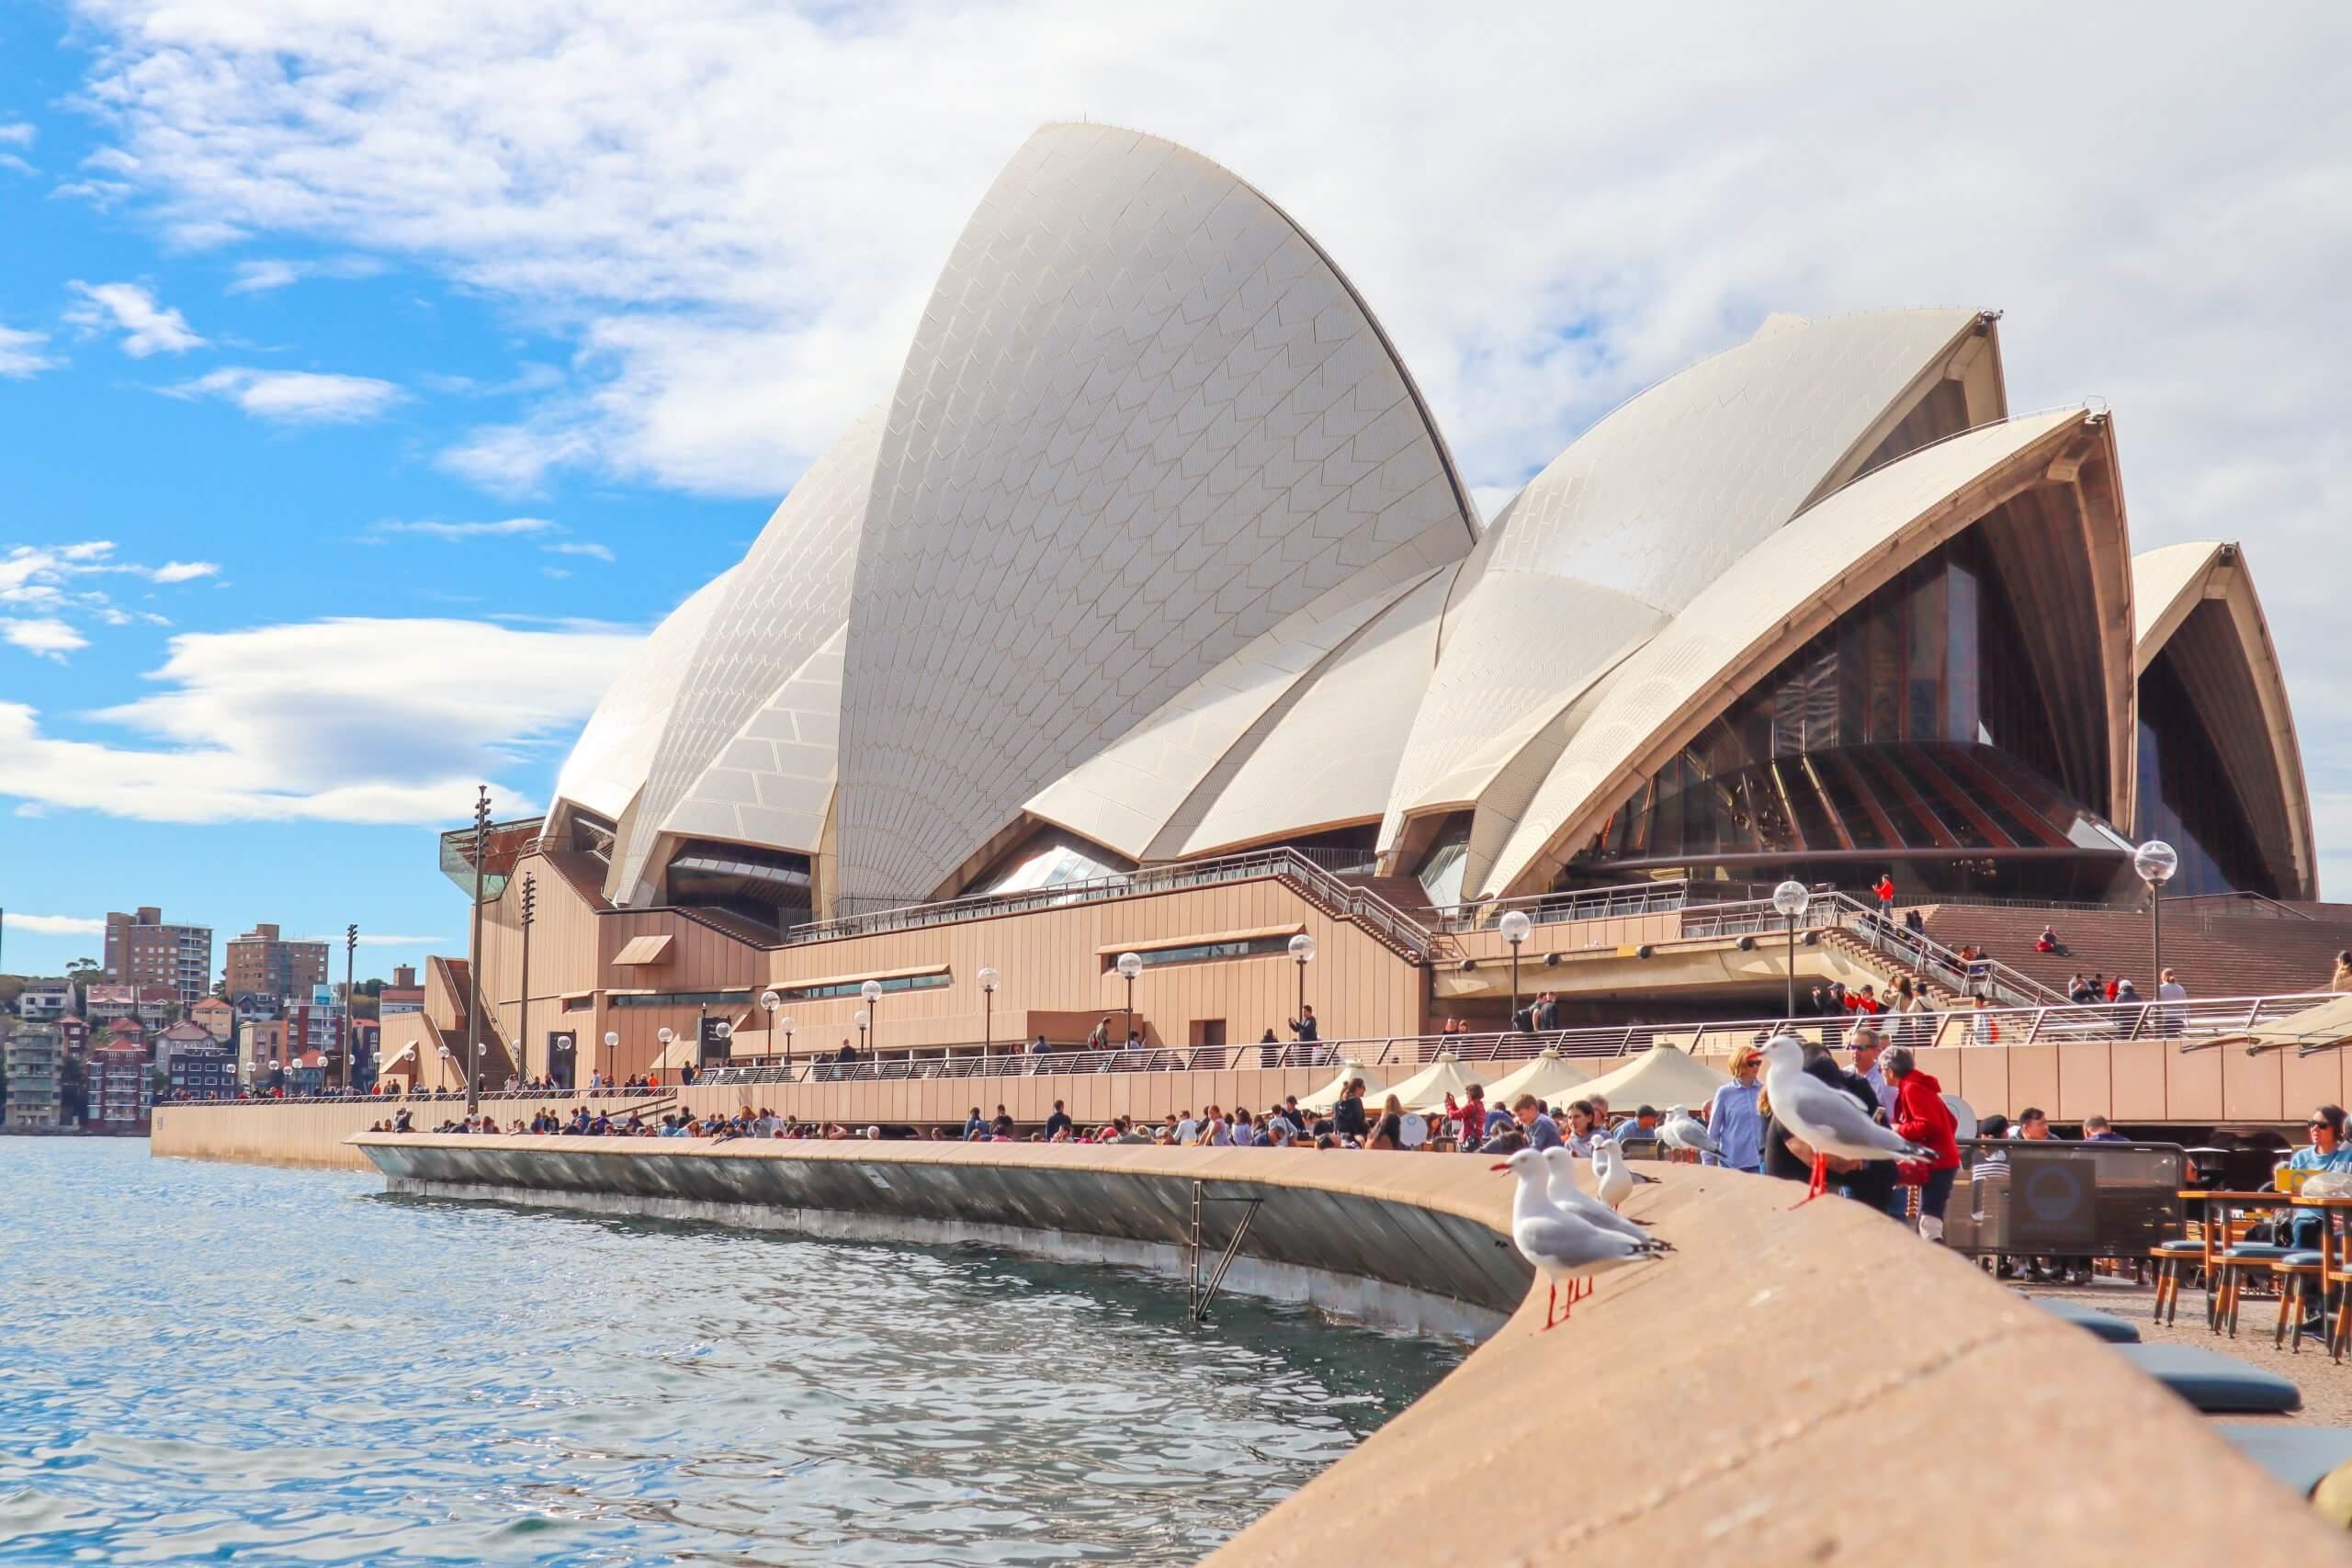 [FOTO] Jednu od najpoznatijih građevina 20. stoljeća njen arhitekt nikad nije vidio dovršenu